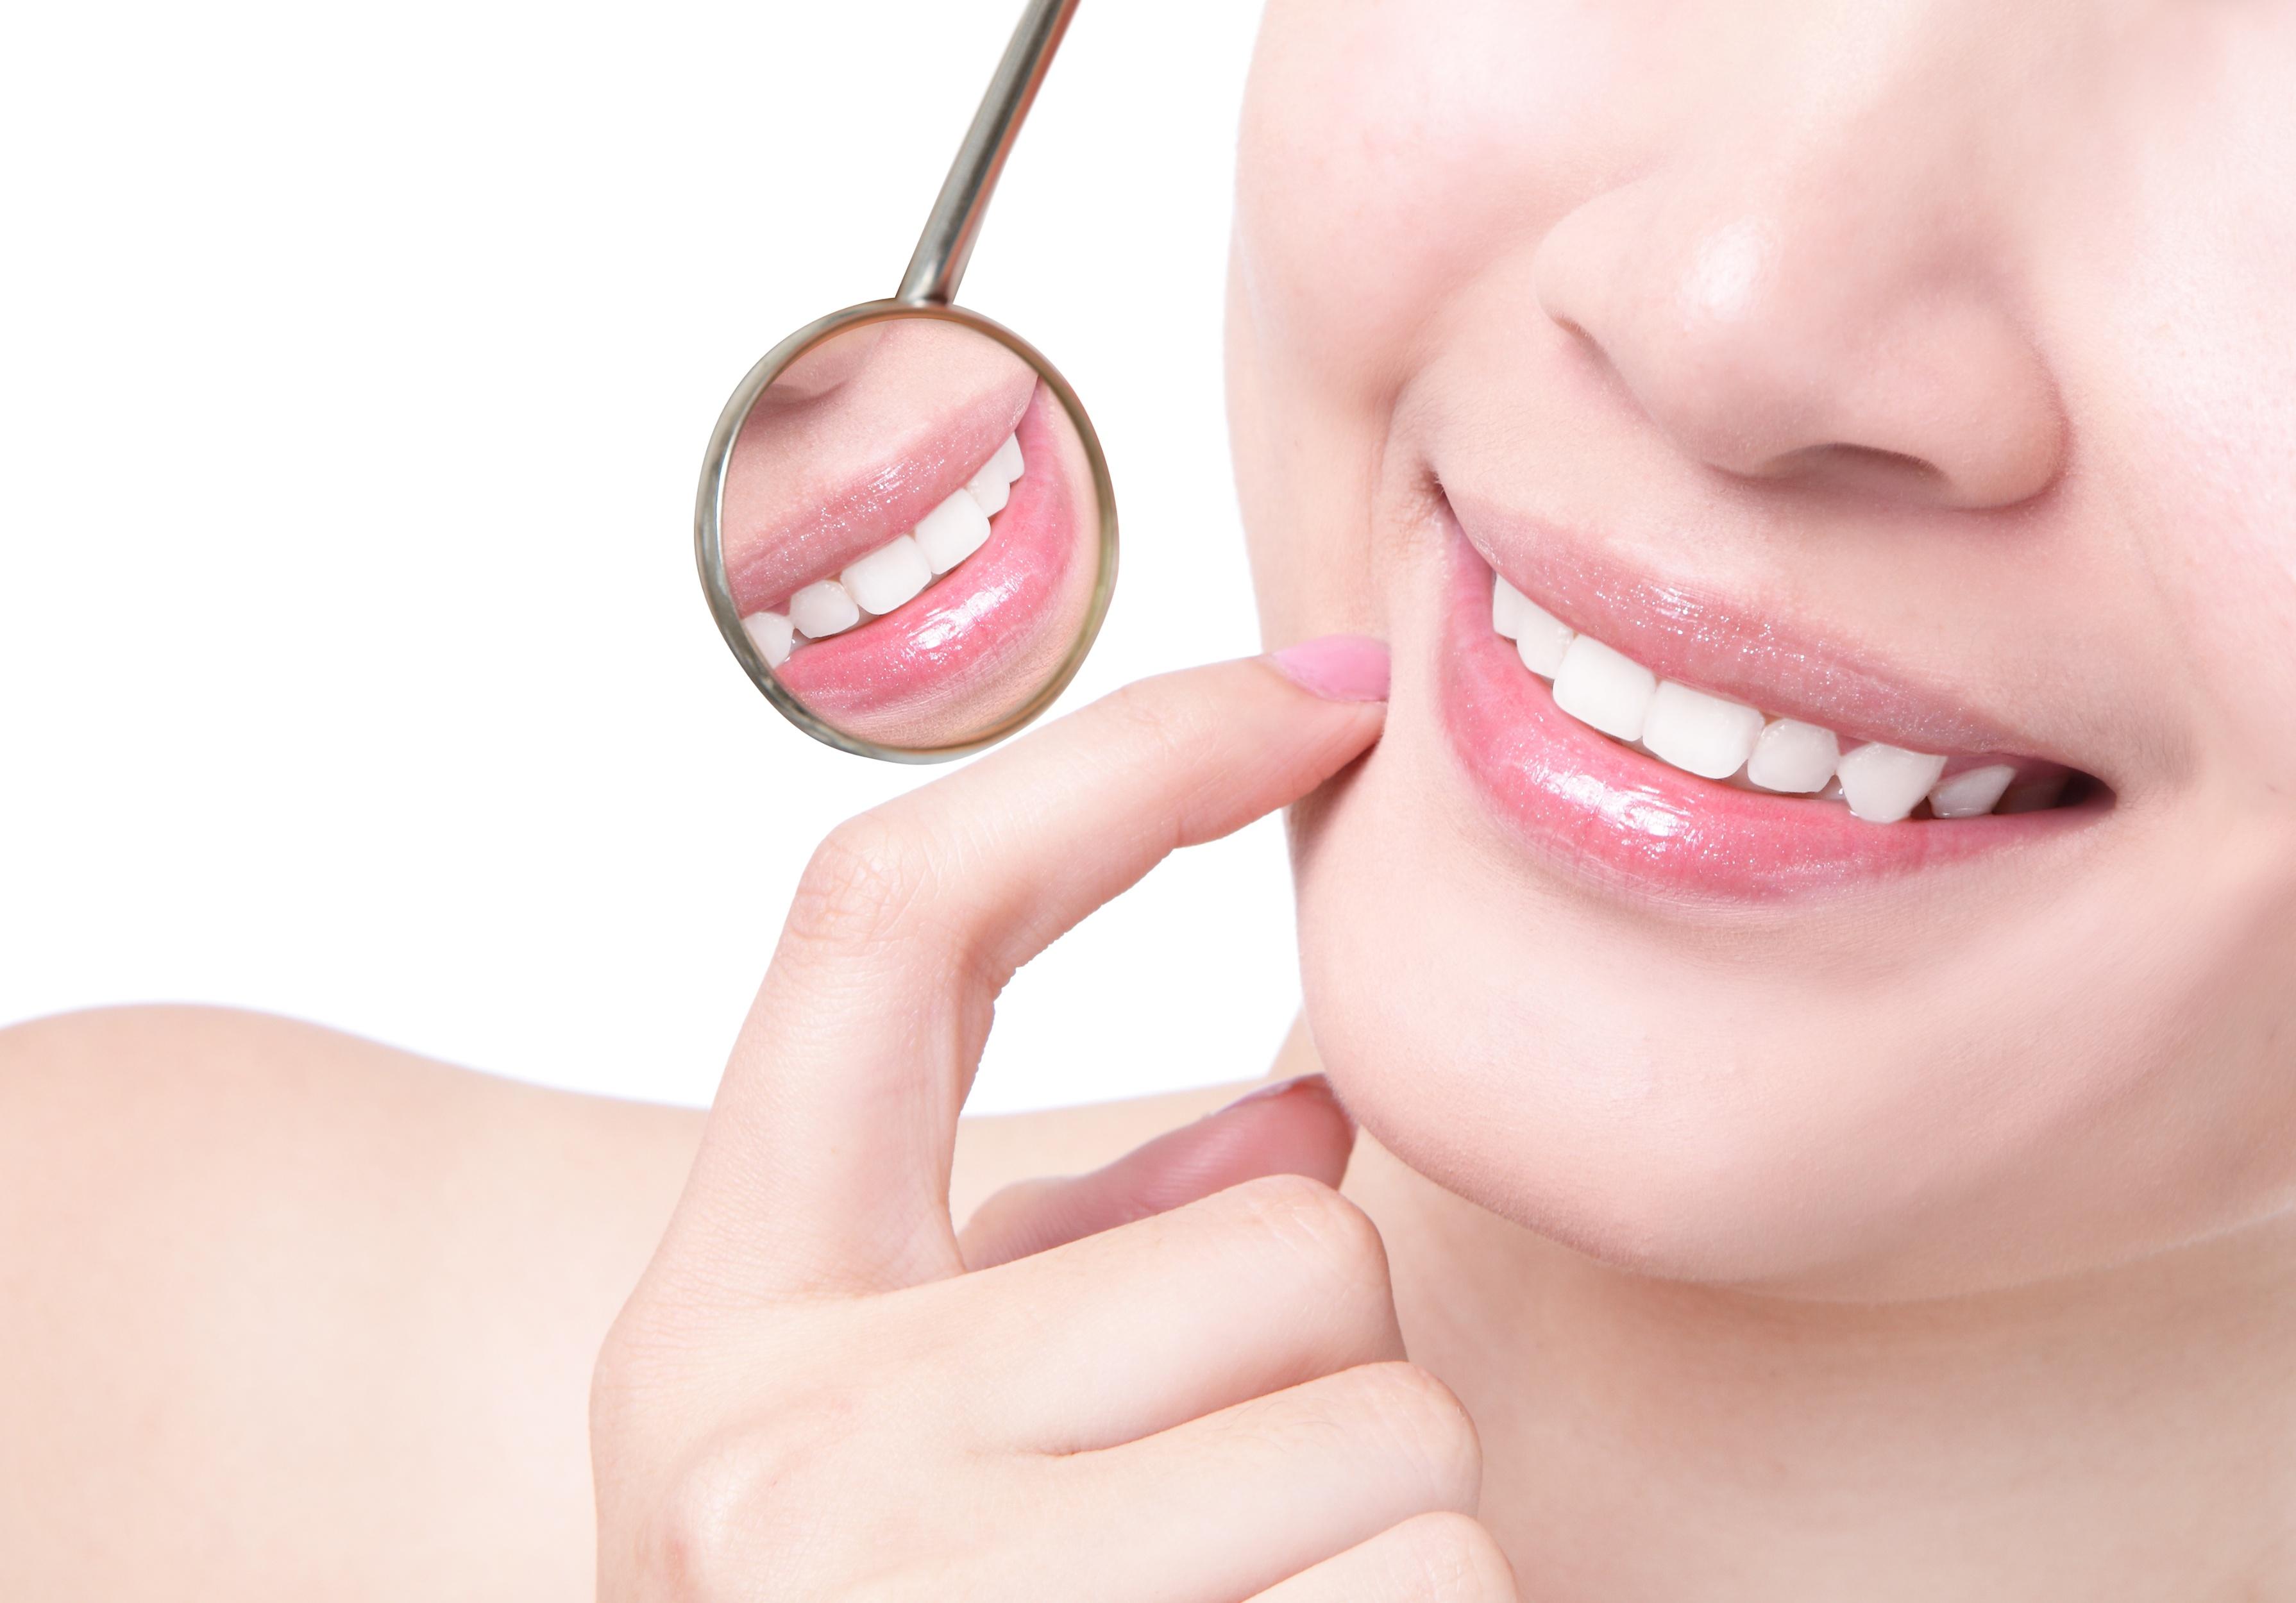 Rockland Oral Surgeon